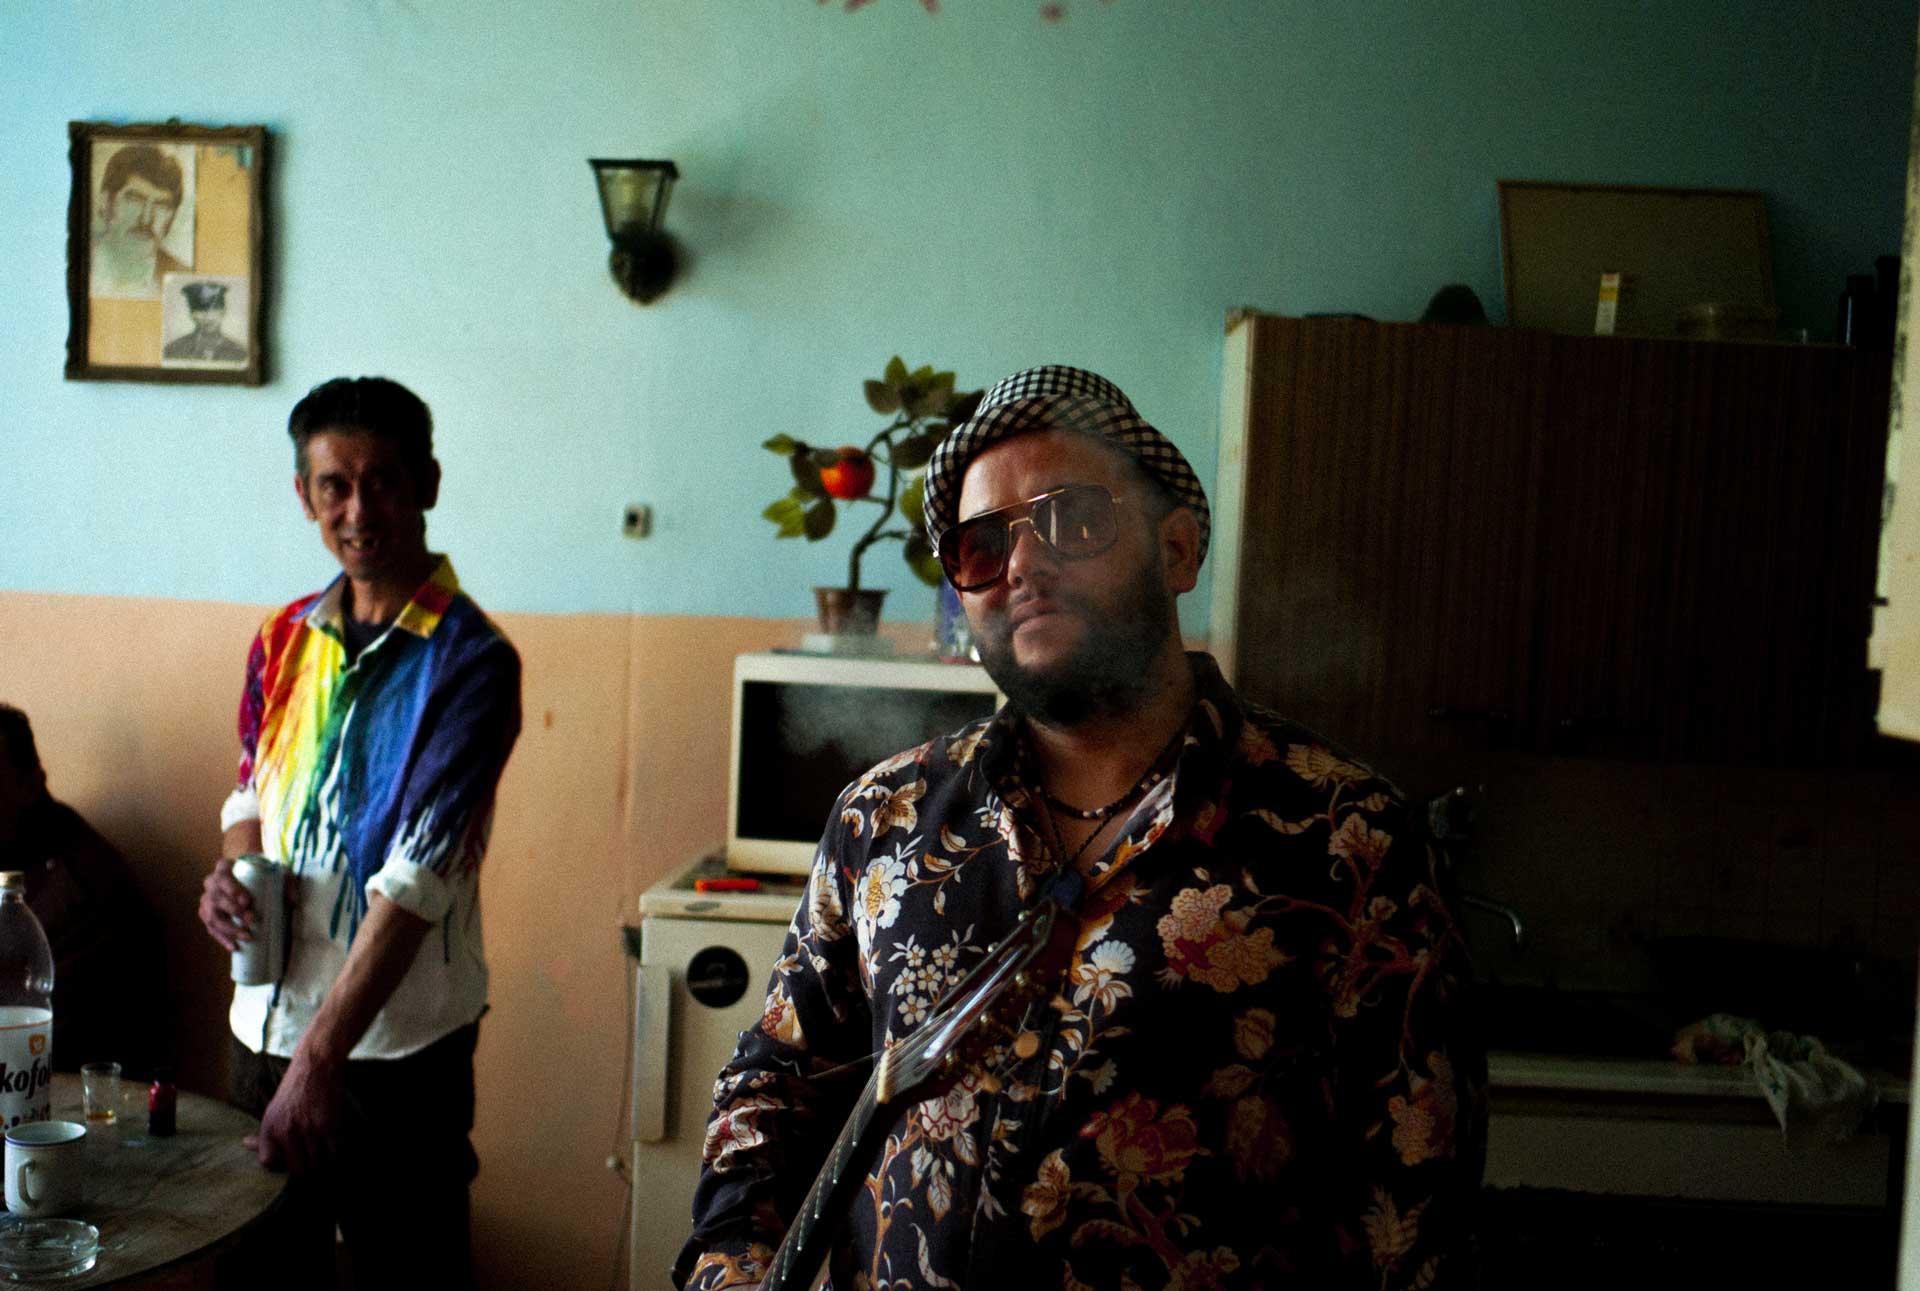 david hofmann cinematographer photo 21